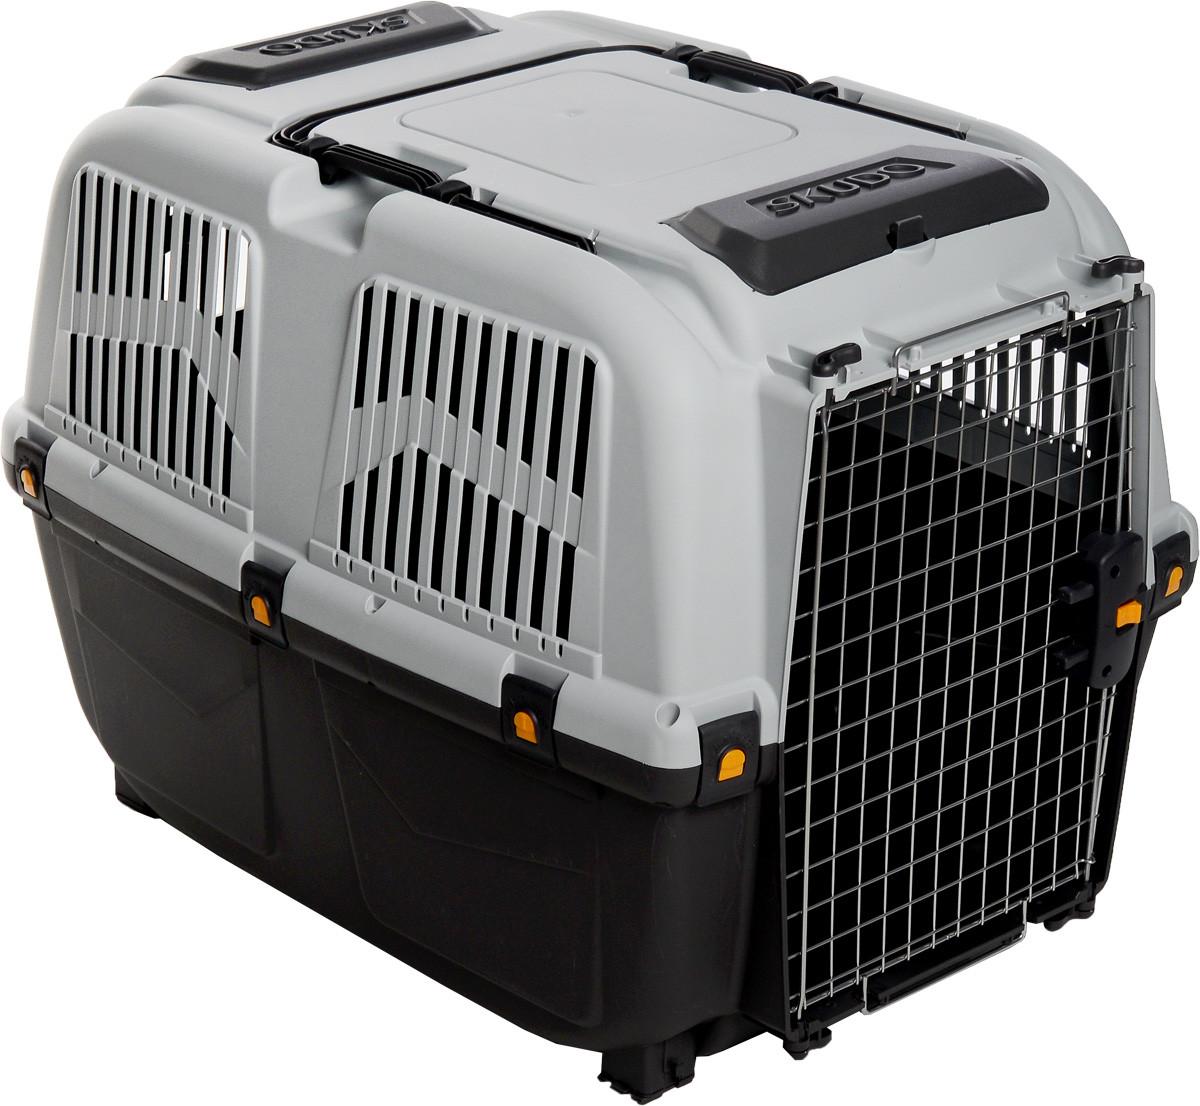 Переноска пластикова СКУДО 6 SKUDO 6 IATA для собак вагою до 40 кг, 92 * 63 * 70 см